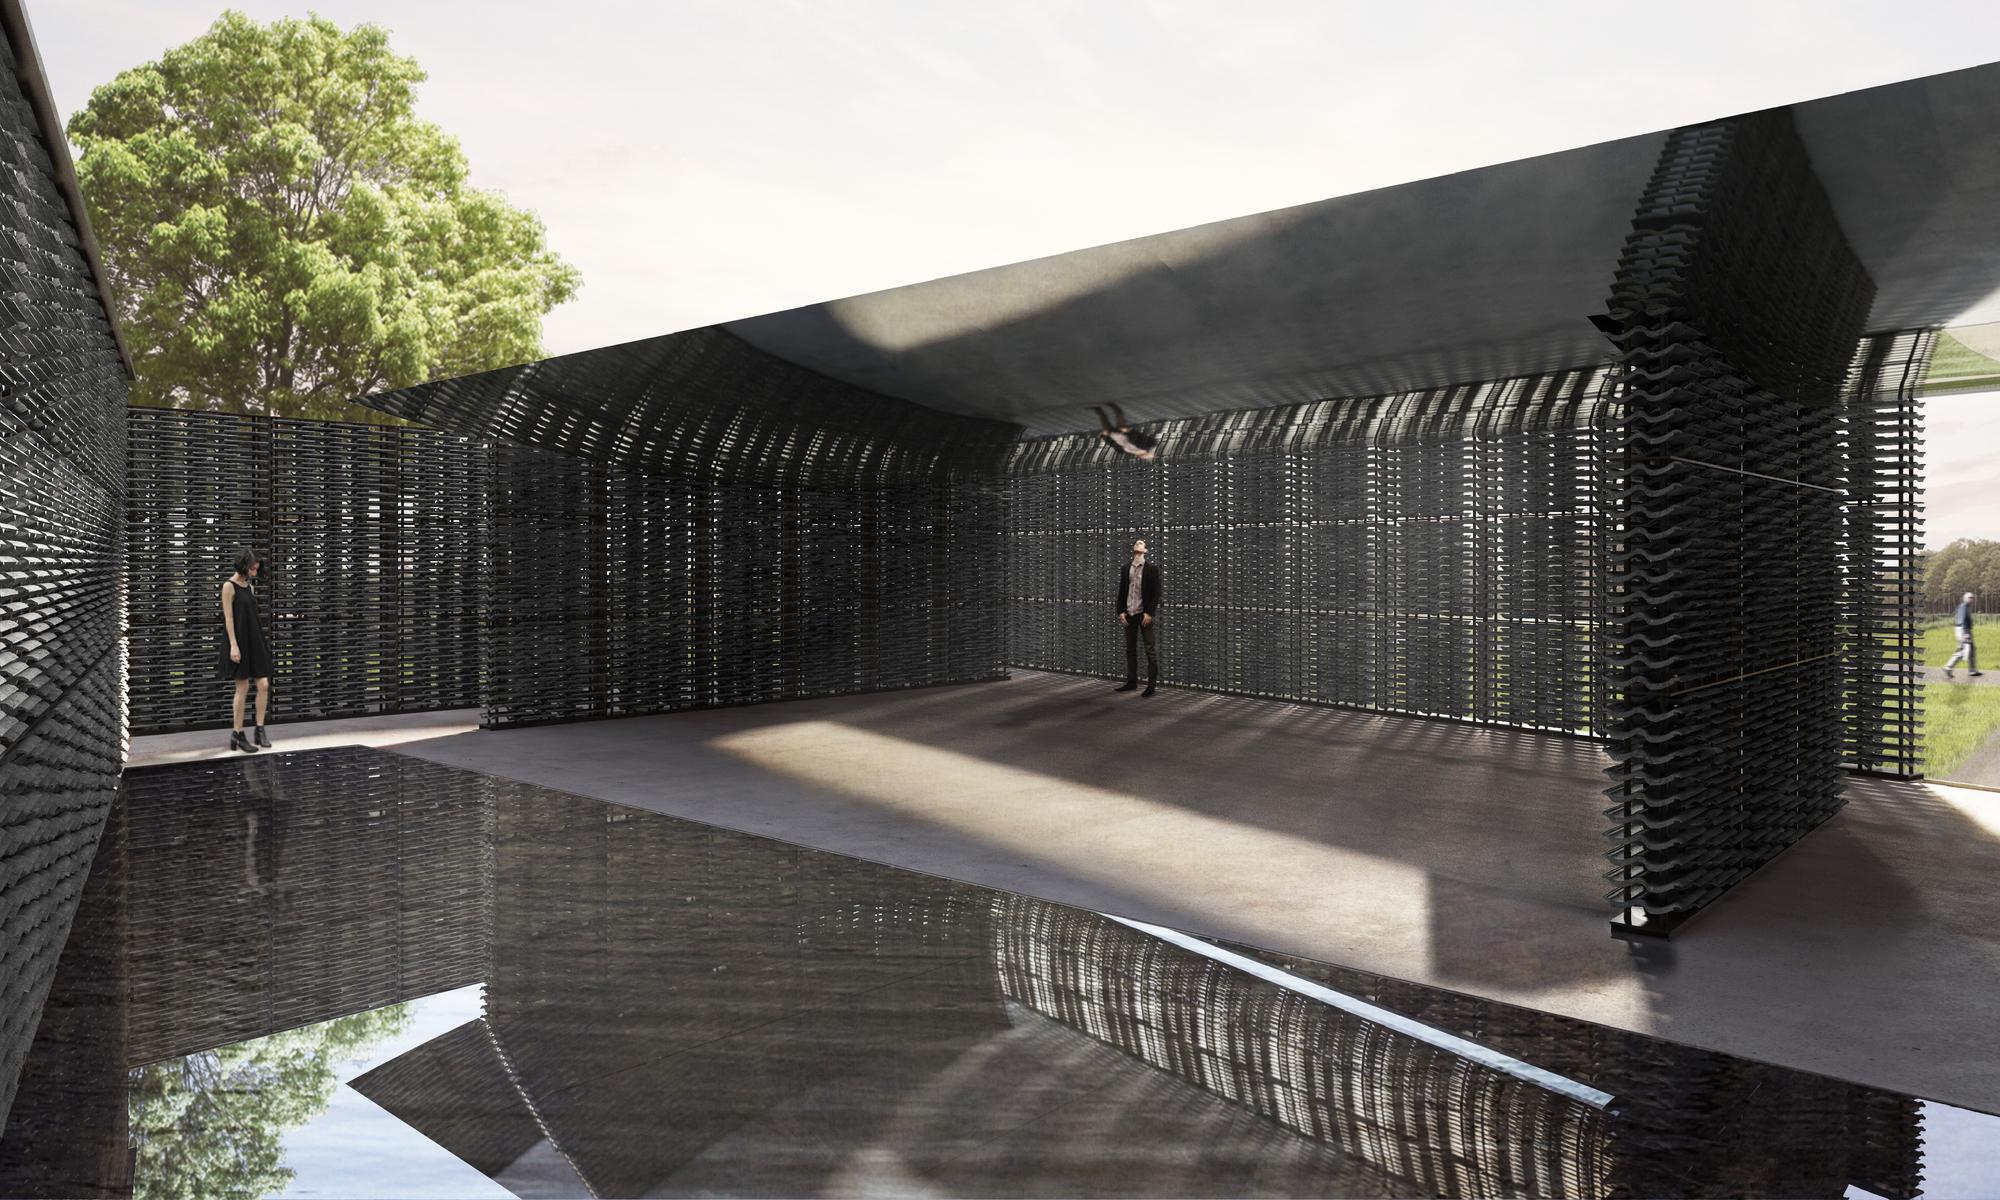 Frida Escobedo, primera mexicana elegida para diseñar el Serpentine Pavilion  | ArchDaily México